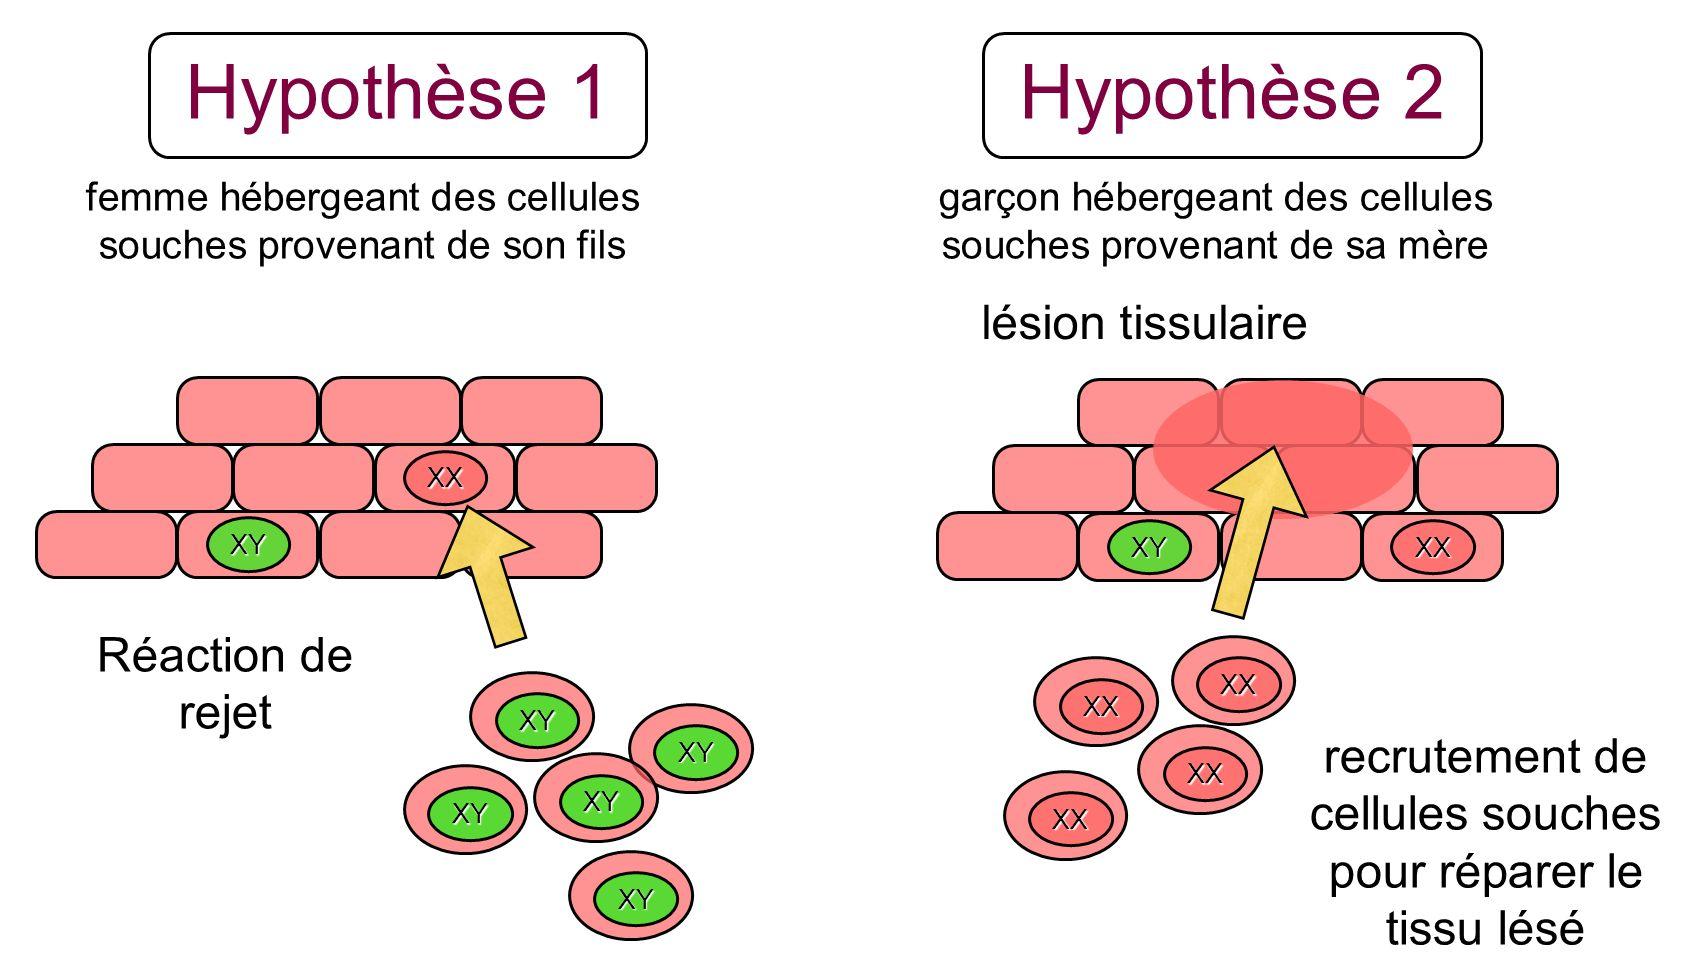 Hypothèse 1 XX XY XY Réaction de rejet XY XY XY XY XYXX lésion tissulaire XX XX XX XX recrutement de cellules souches pour réparer le tissu lésé femme